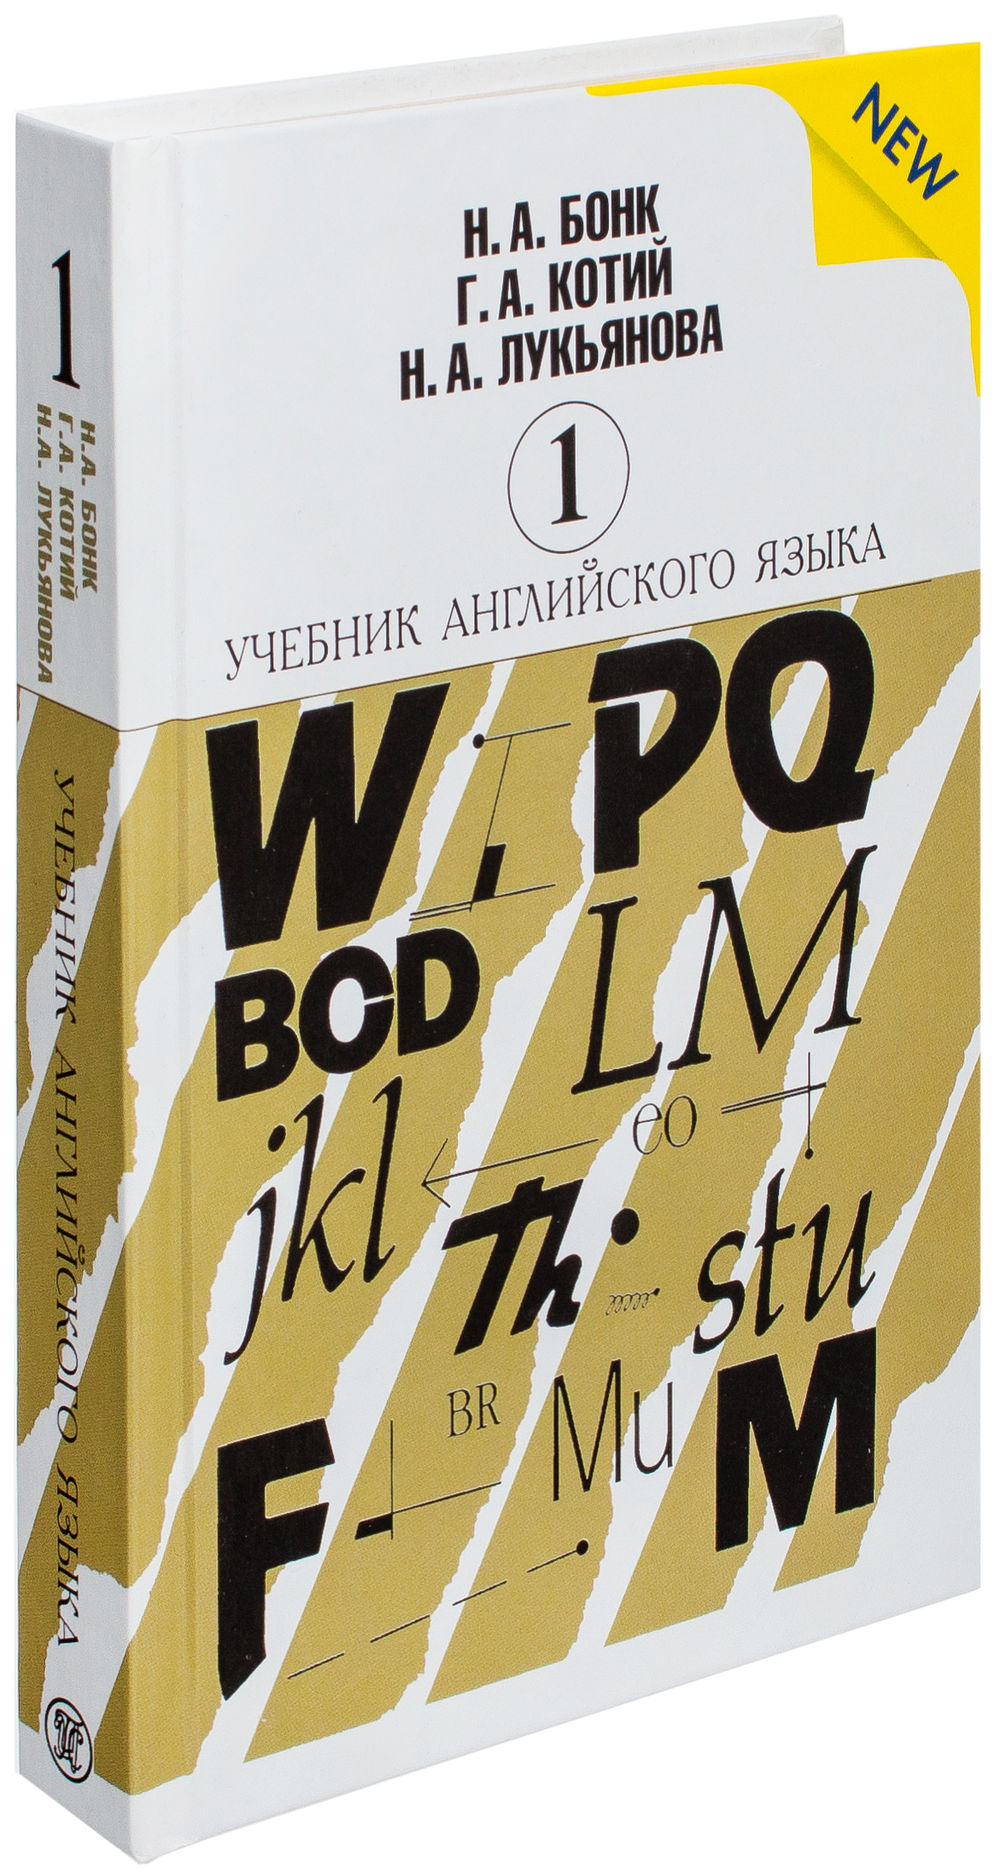 Гдз к учебнику английского языка авторов н.а.бонк, г.а.котий, н.а.лукьянова